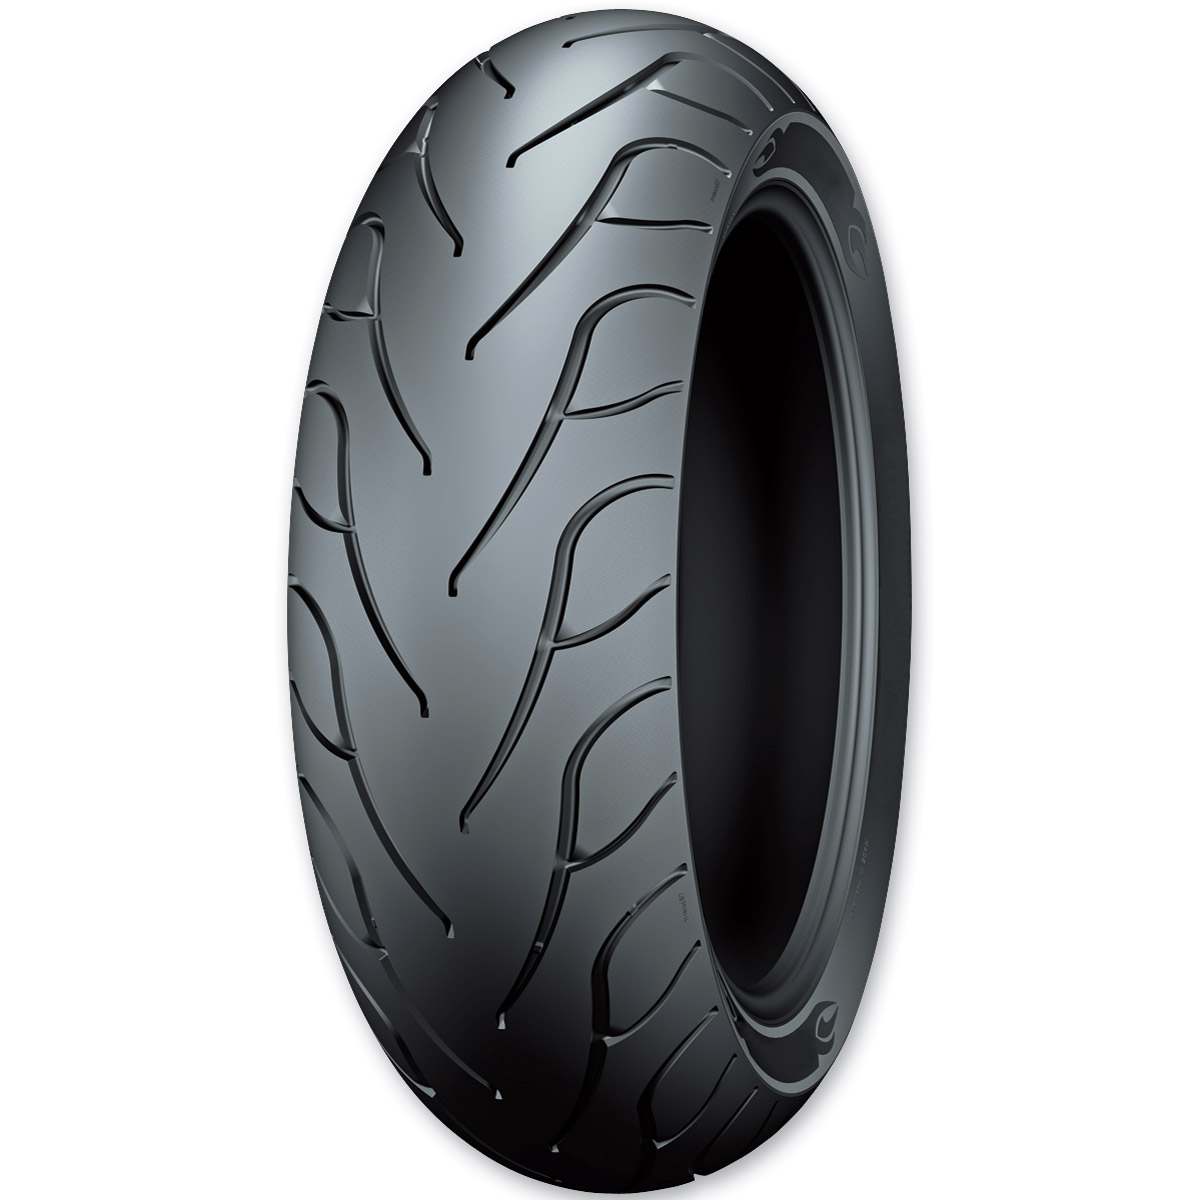 Motorcycle Rear Tire >> Michelin Commander Ii 200 55r17 Rear Tire 534 988 J P Cycles